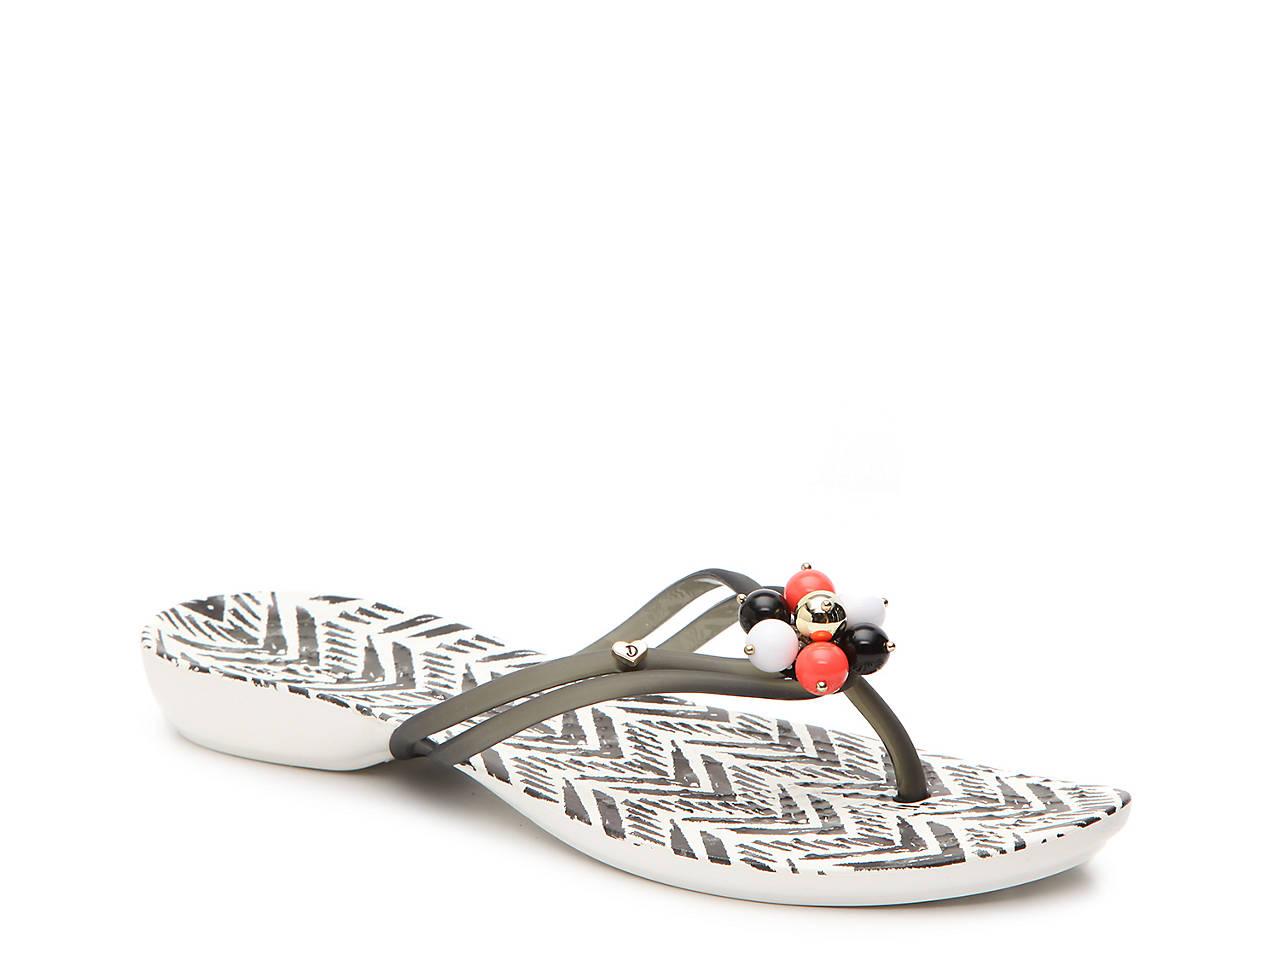 66c40b9a1de6 Crocs Isabella Sandal Women s Shoes